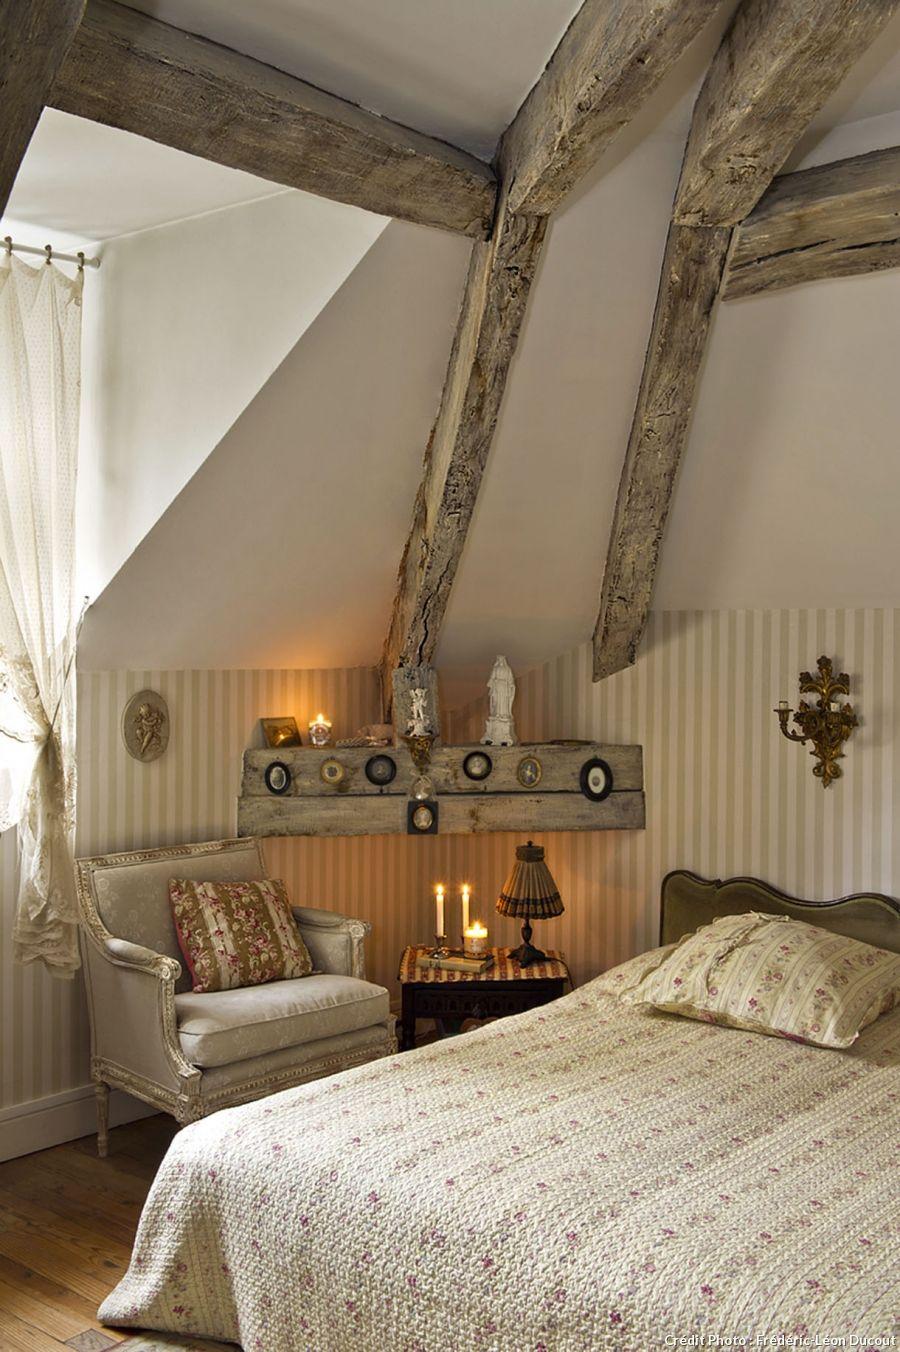 dans la marne une demeure au charme d 39 antan poutres bougies et chambres. Black Bedroom Furniture Sets. Home Design Ideas